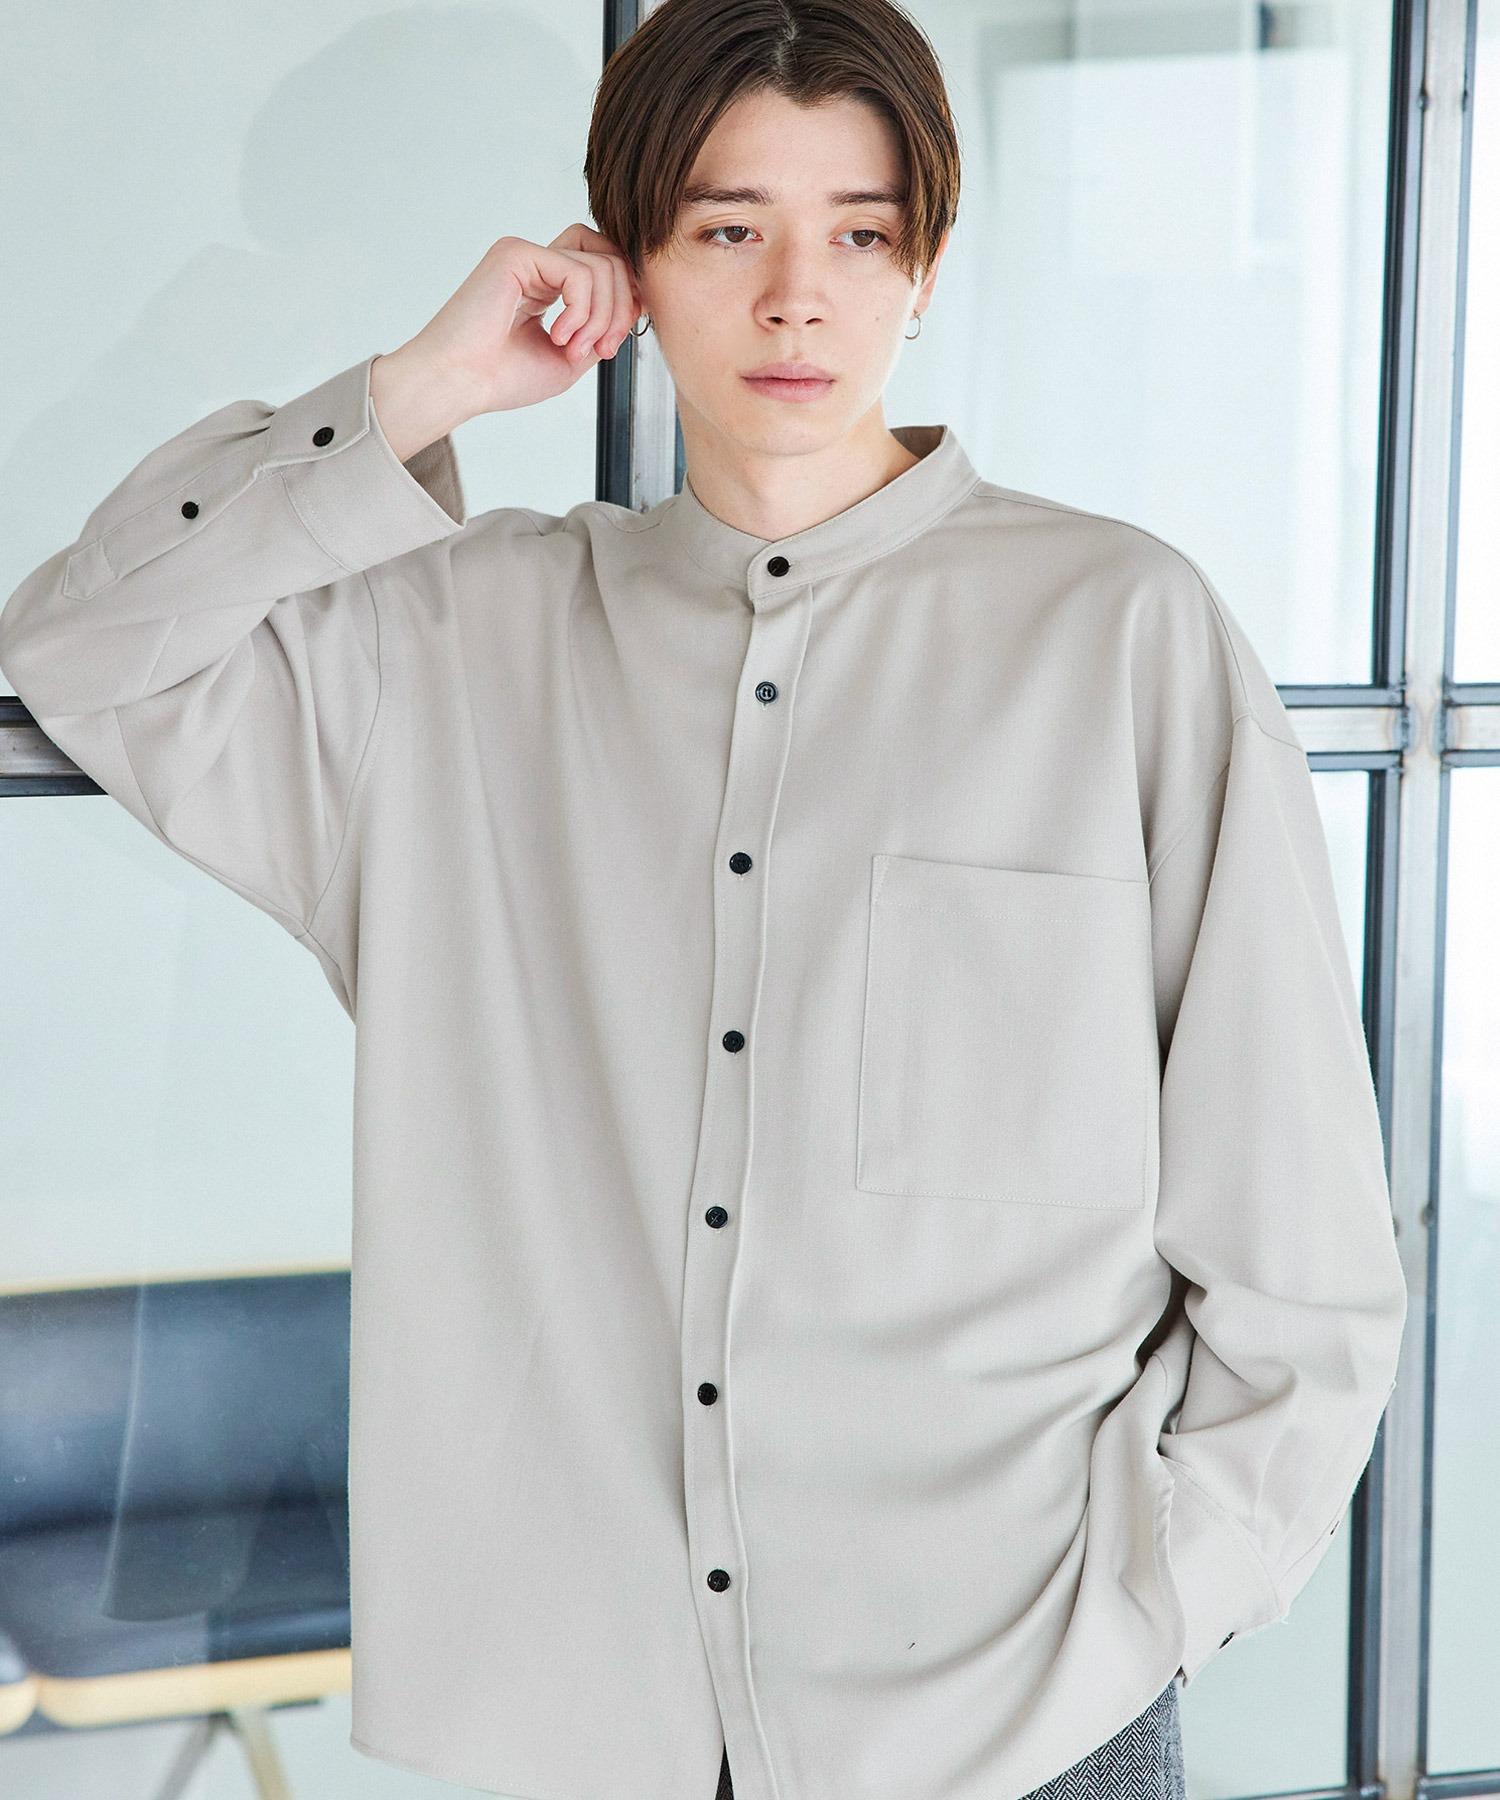 TRストレッチ スーパービッグシルエットバンドカラーシャツ